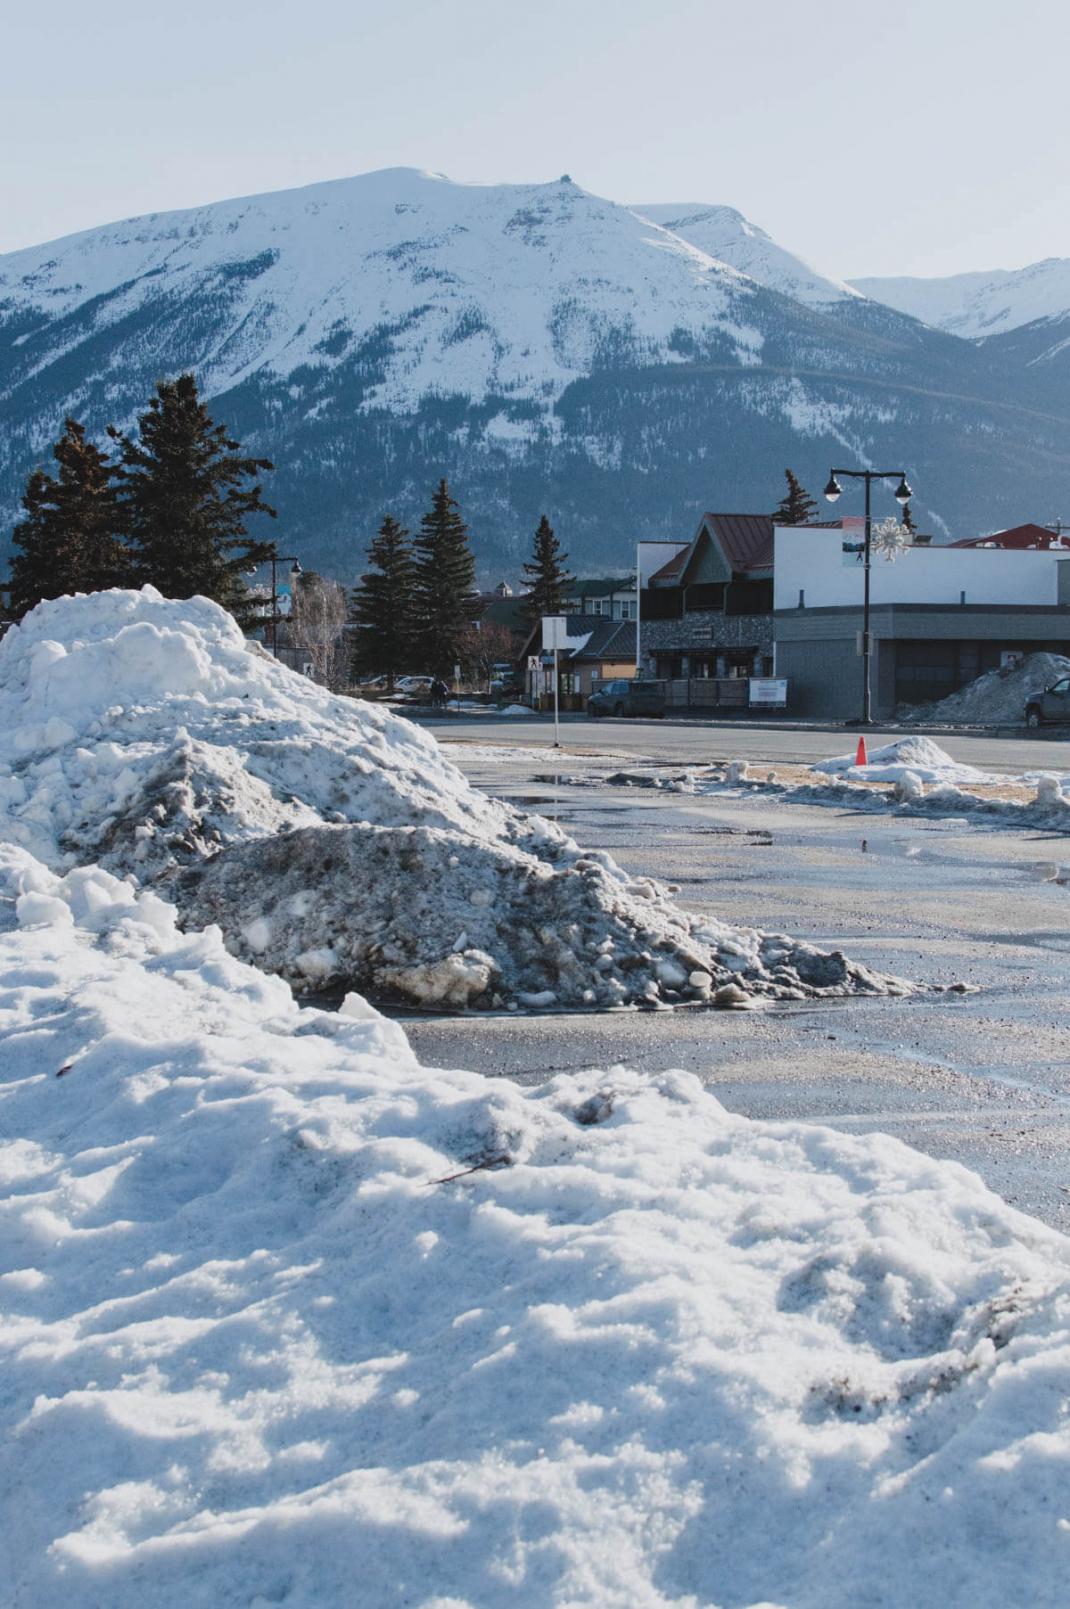 Das kostet der Skiurlaub in Kanada Straße in Jaspertet der Skiurlaub in Kanada Straße in Jasper